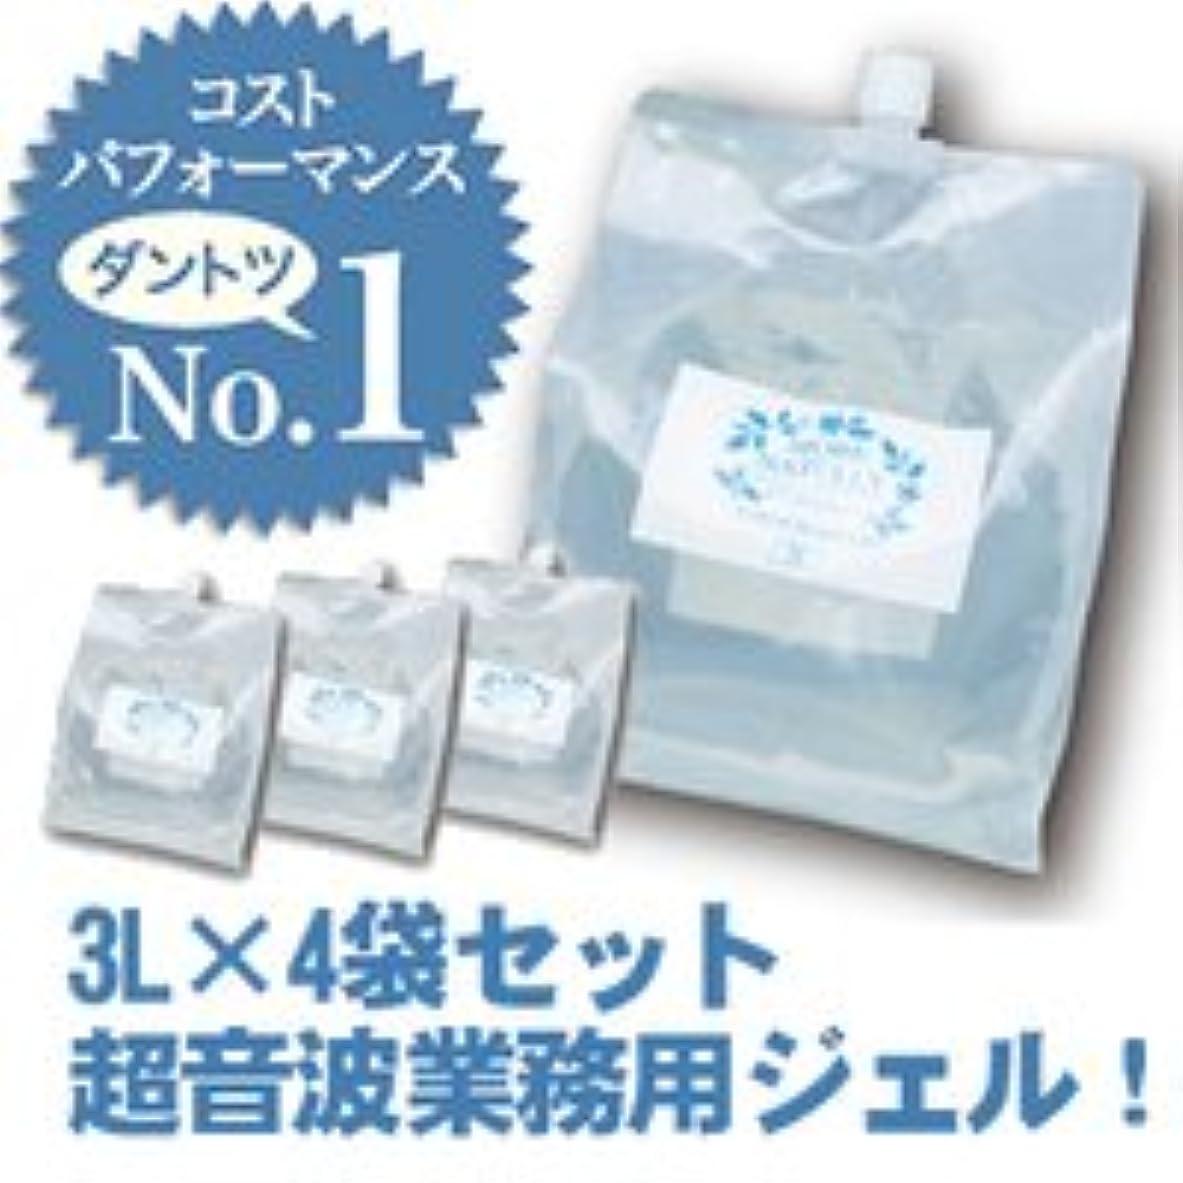 億組み立てるブラウザモアナチュリー キャビ&フラッシュジェル 4袋セット 3L×4袋 12Lスーパーハードタイプ